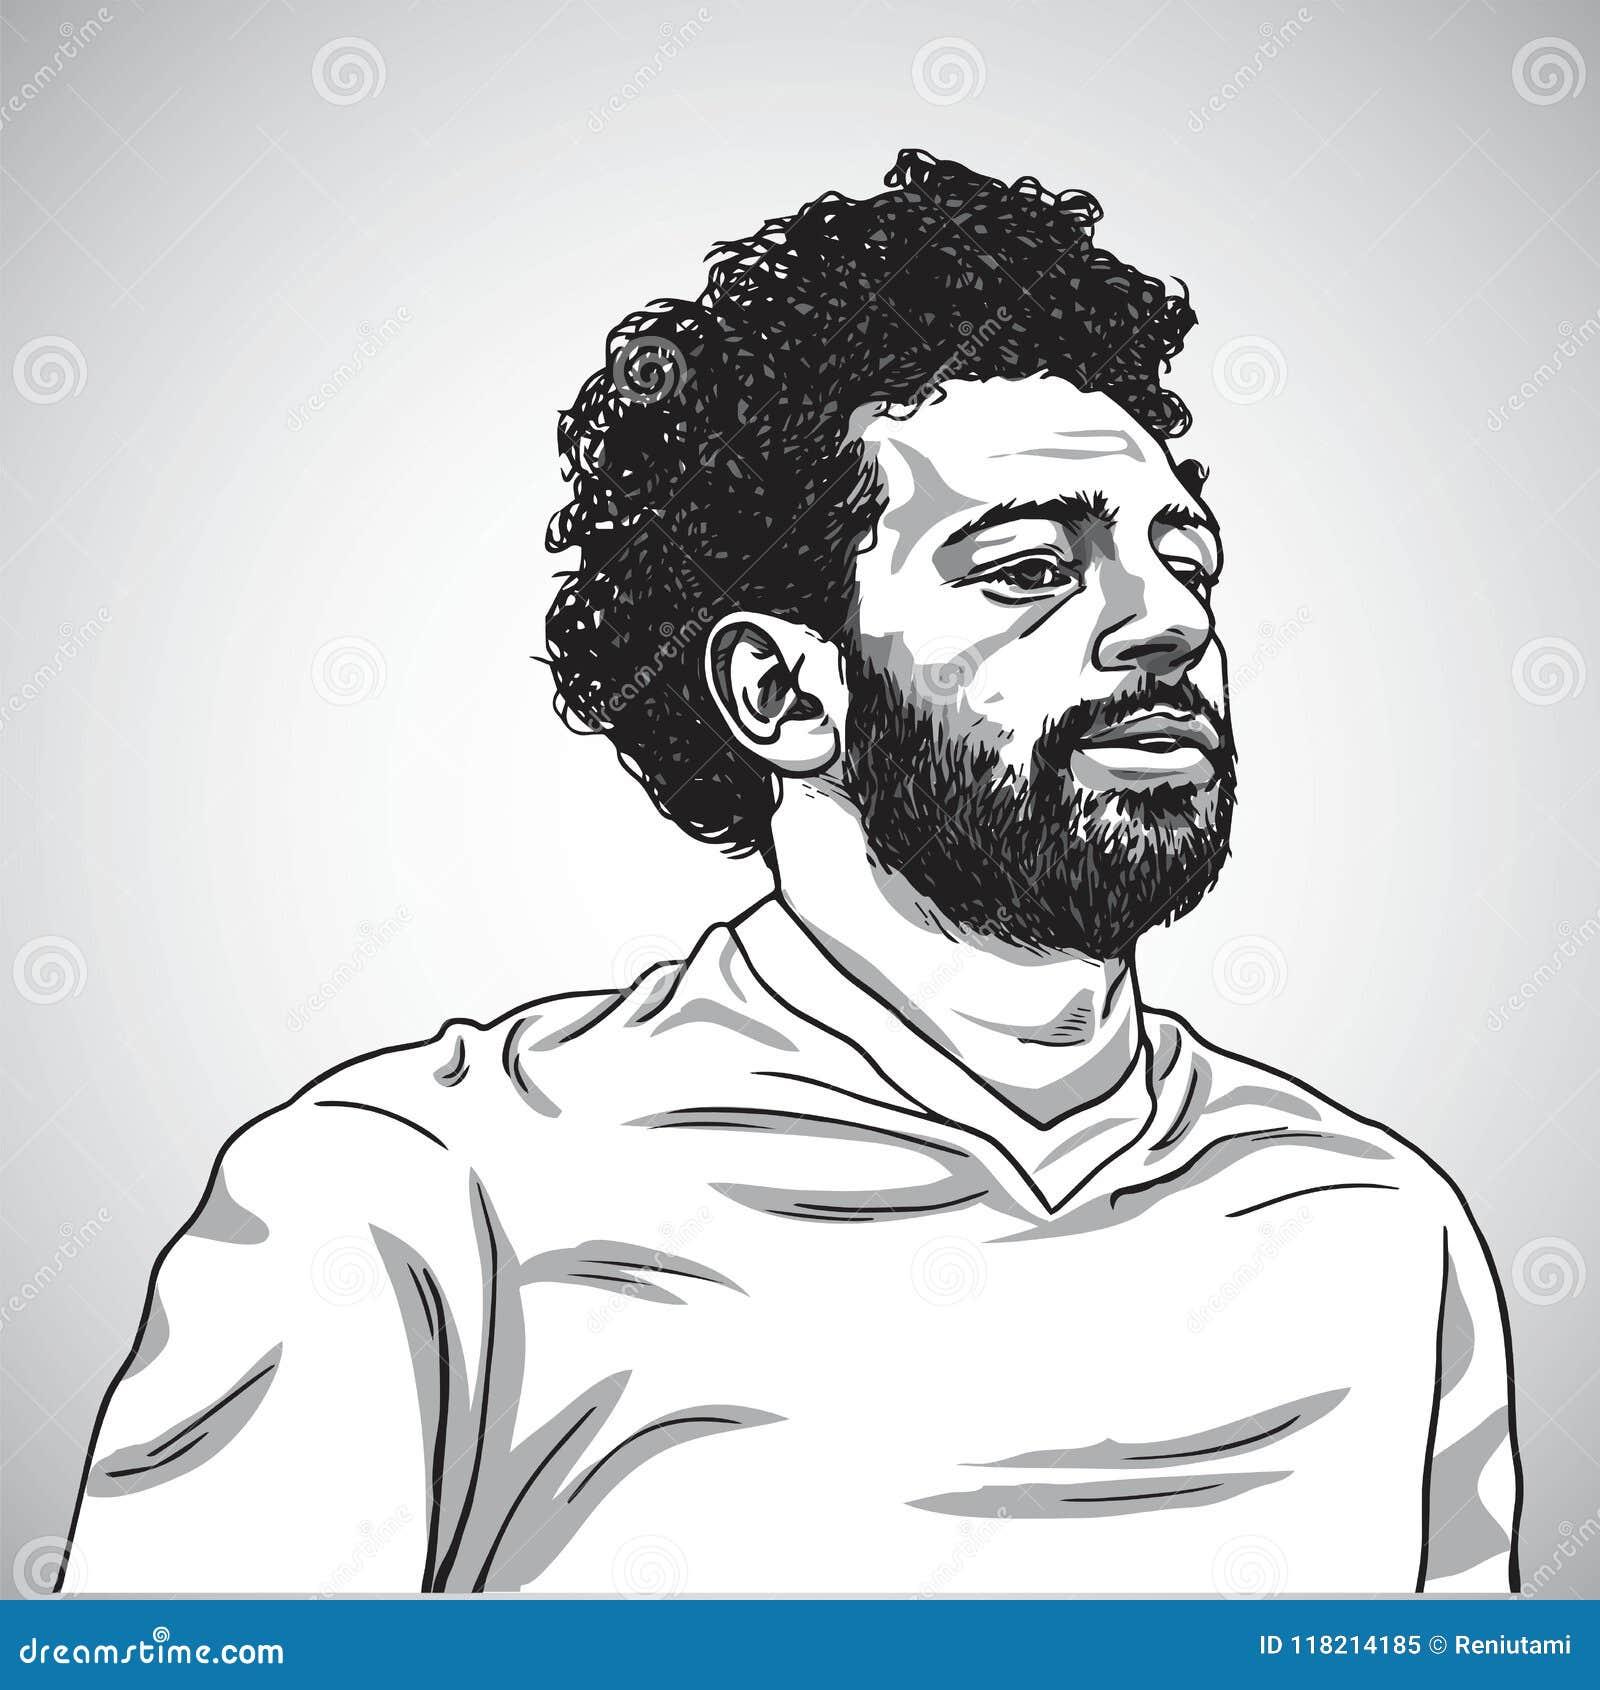 Teckning av den Mo Salah Vector Portrait Cartoon Caricature illustrationen Juni 5, 2018